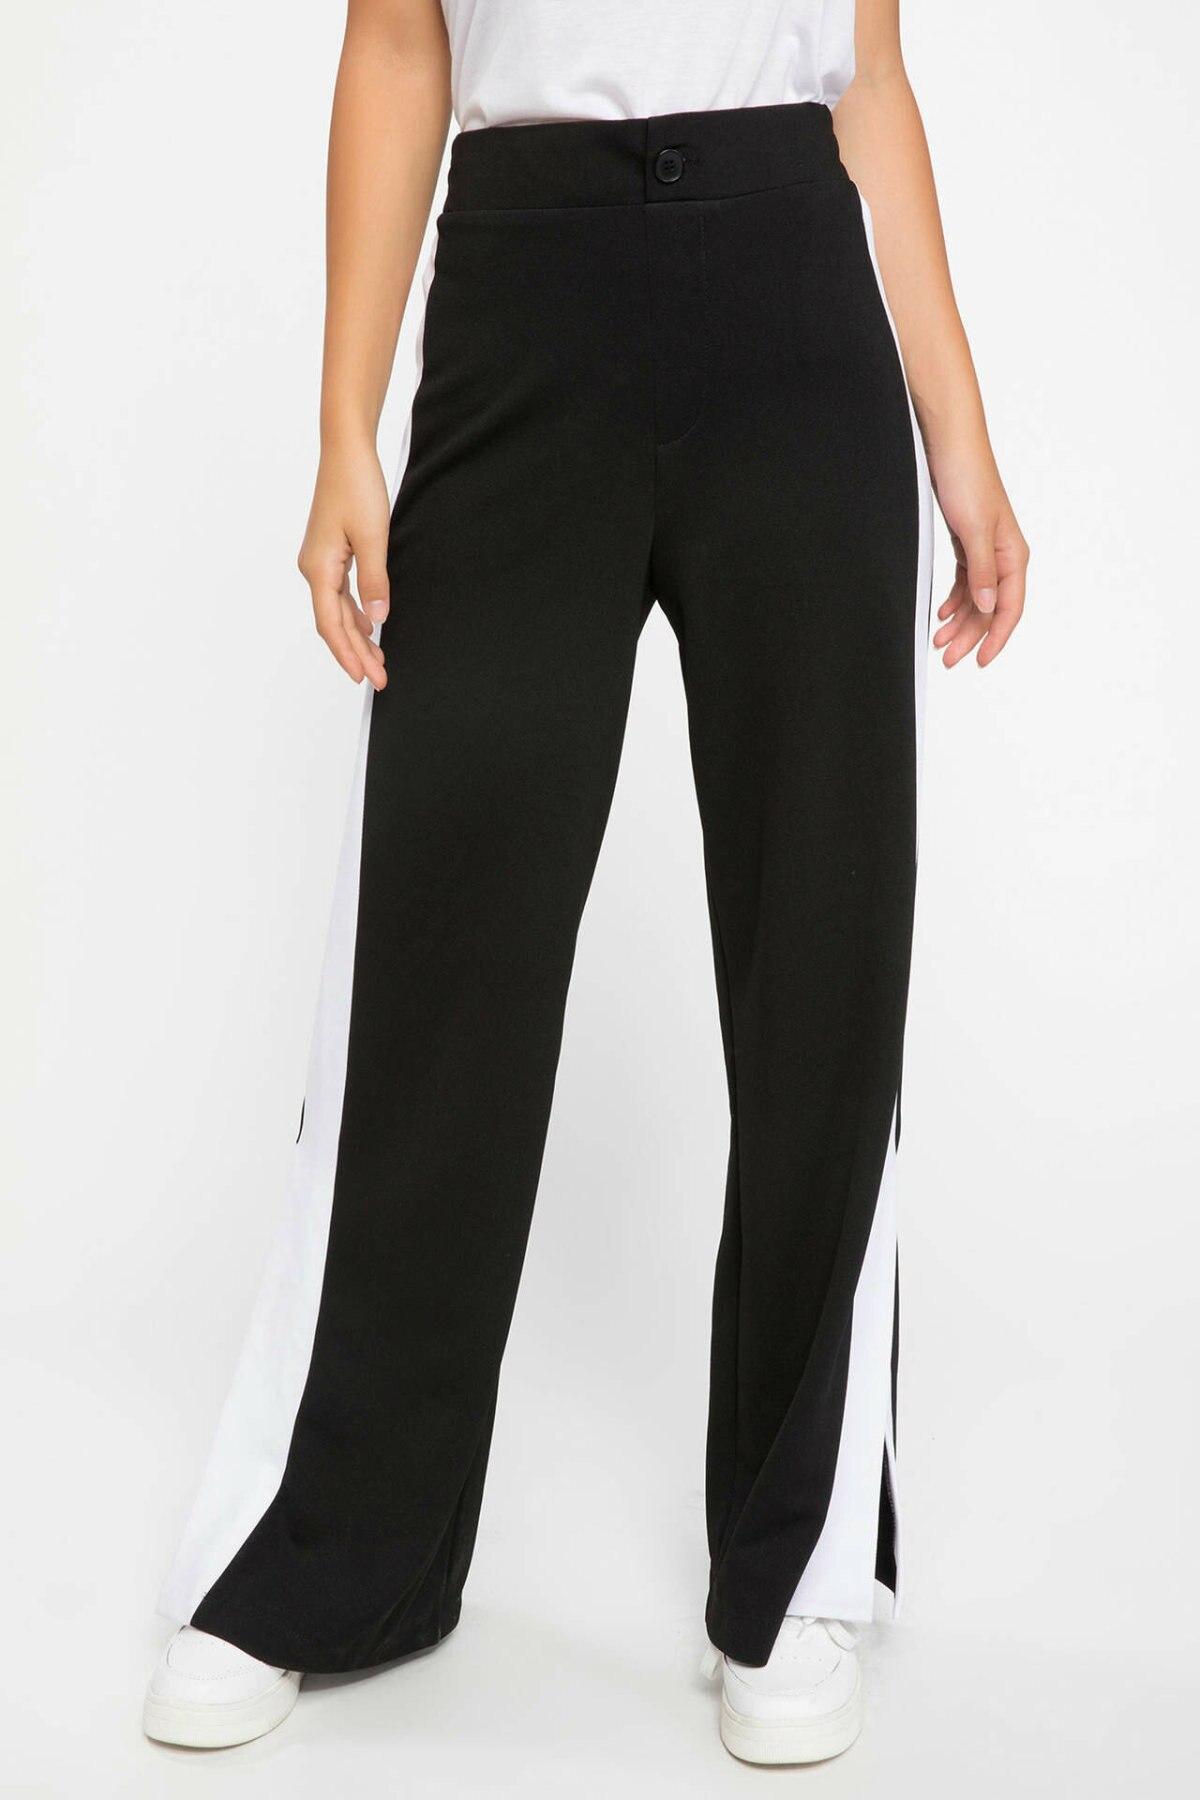 DeFacto Ladies Loose Sport Elastic Waist Casual Wide Leg Pants Women Autumn Leisure Women Long Trousers - J7759AZ18AU